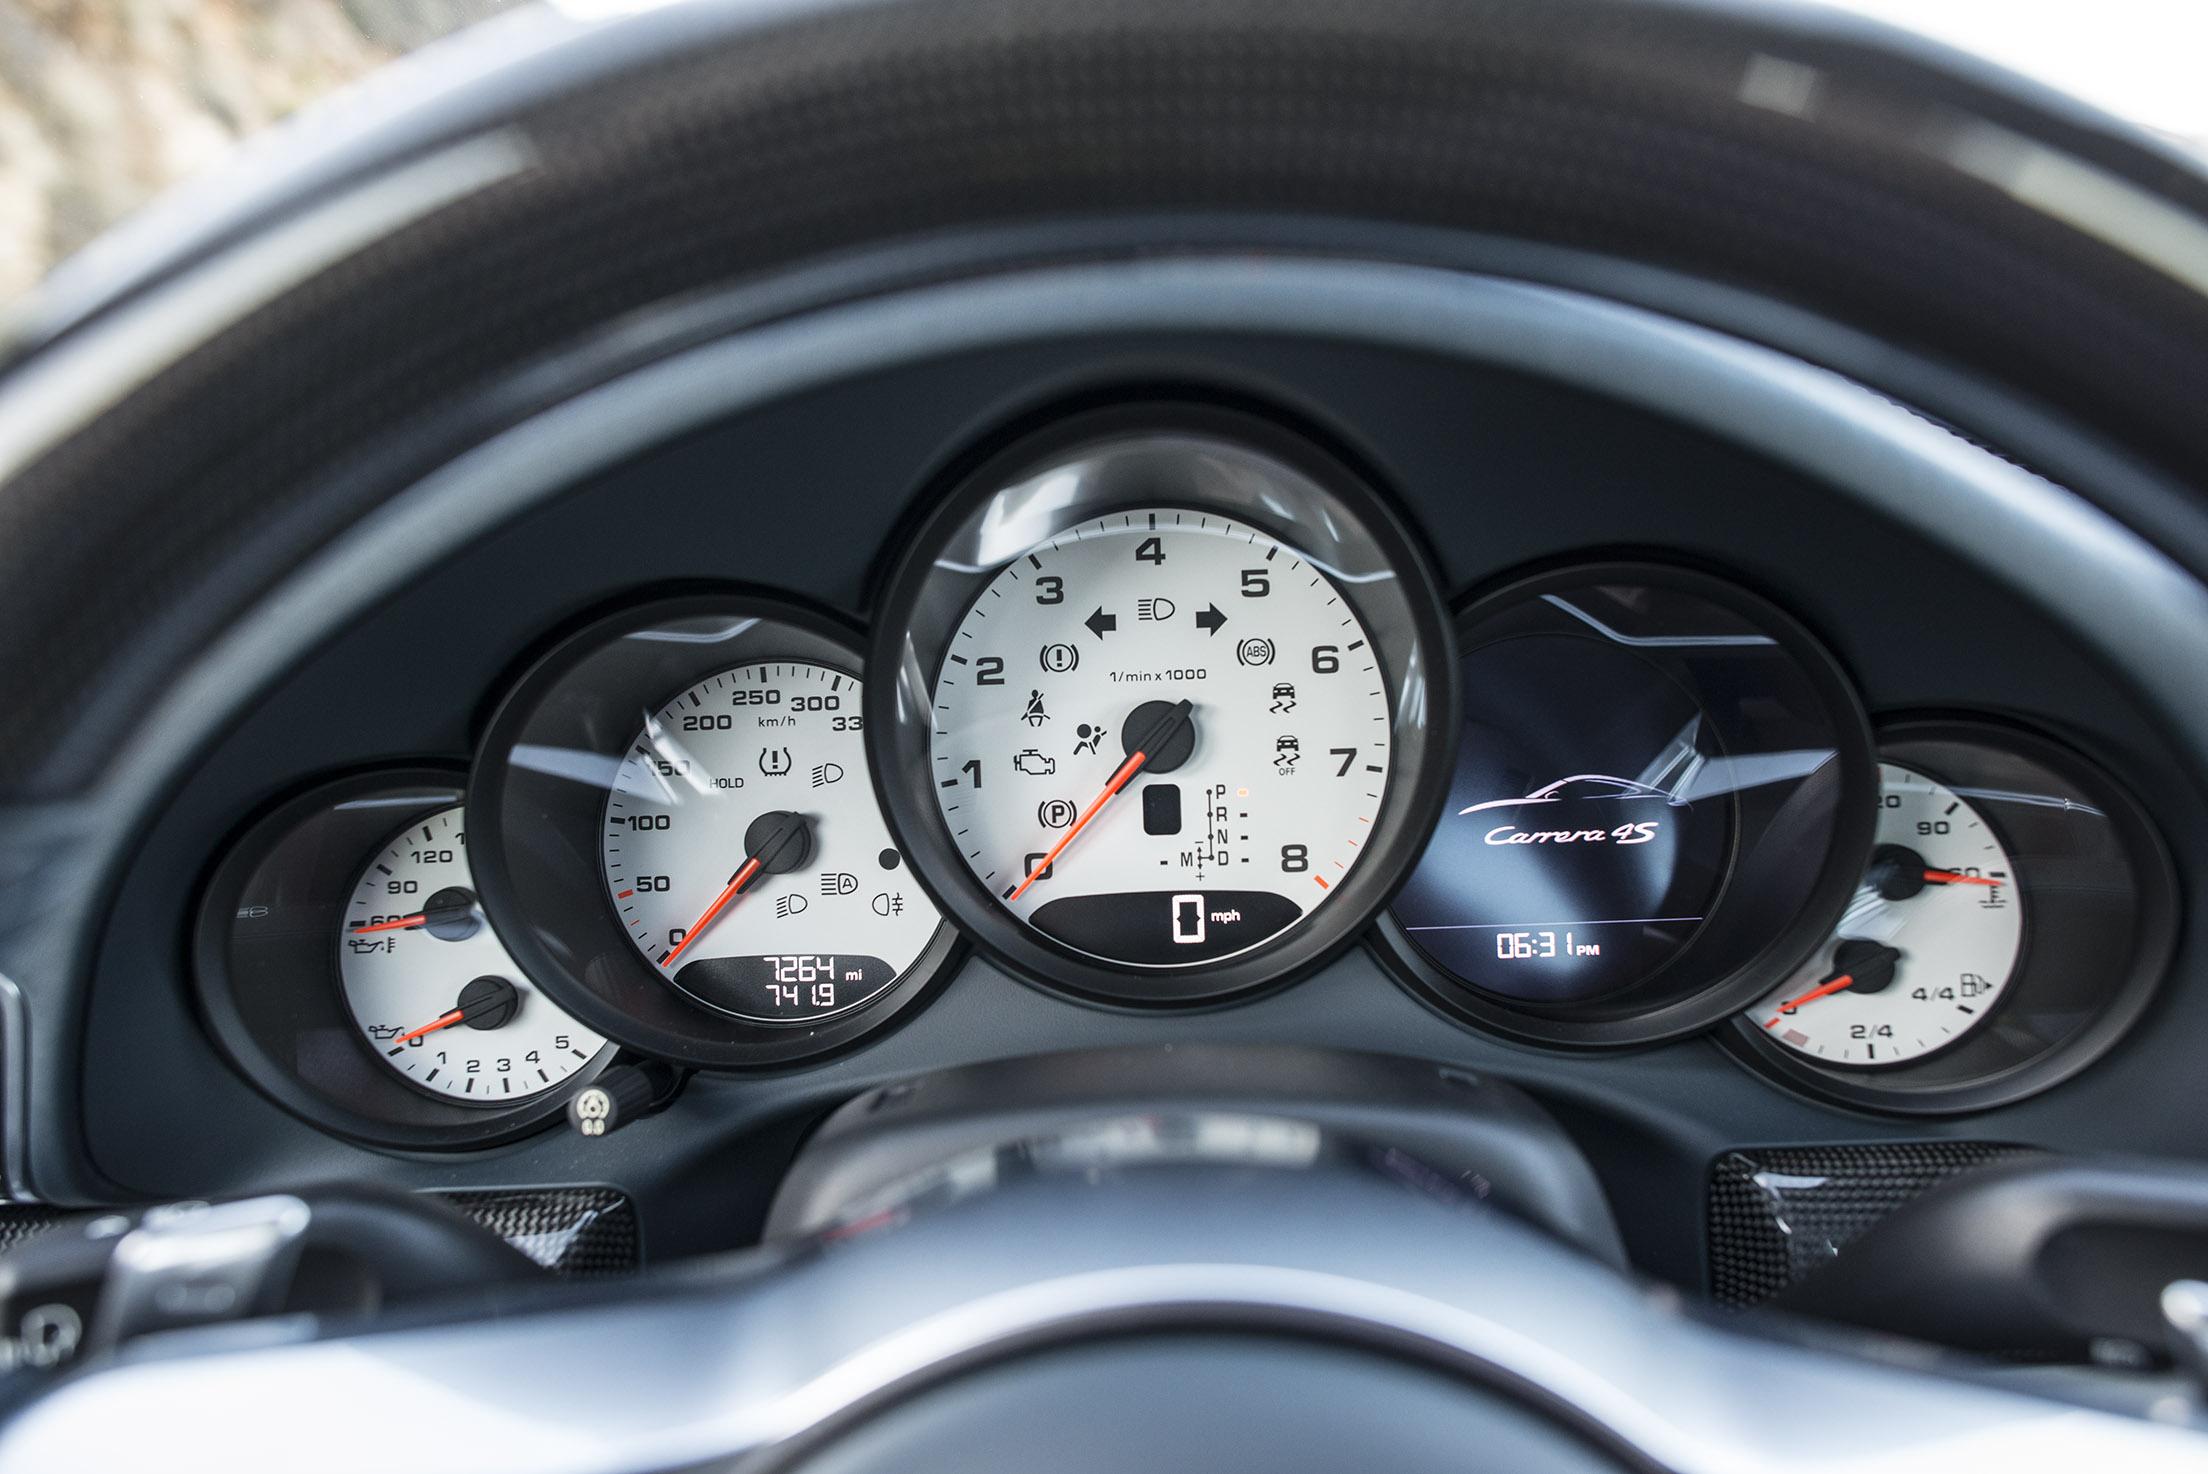 TrackWorthy - Toronto to LA - Porsche 911 C4S 991.2 - 016